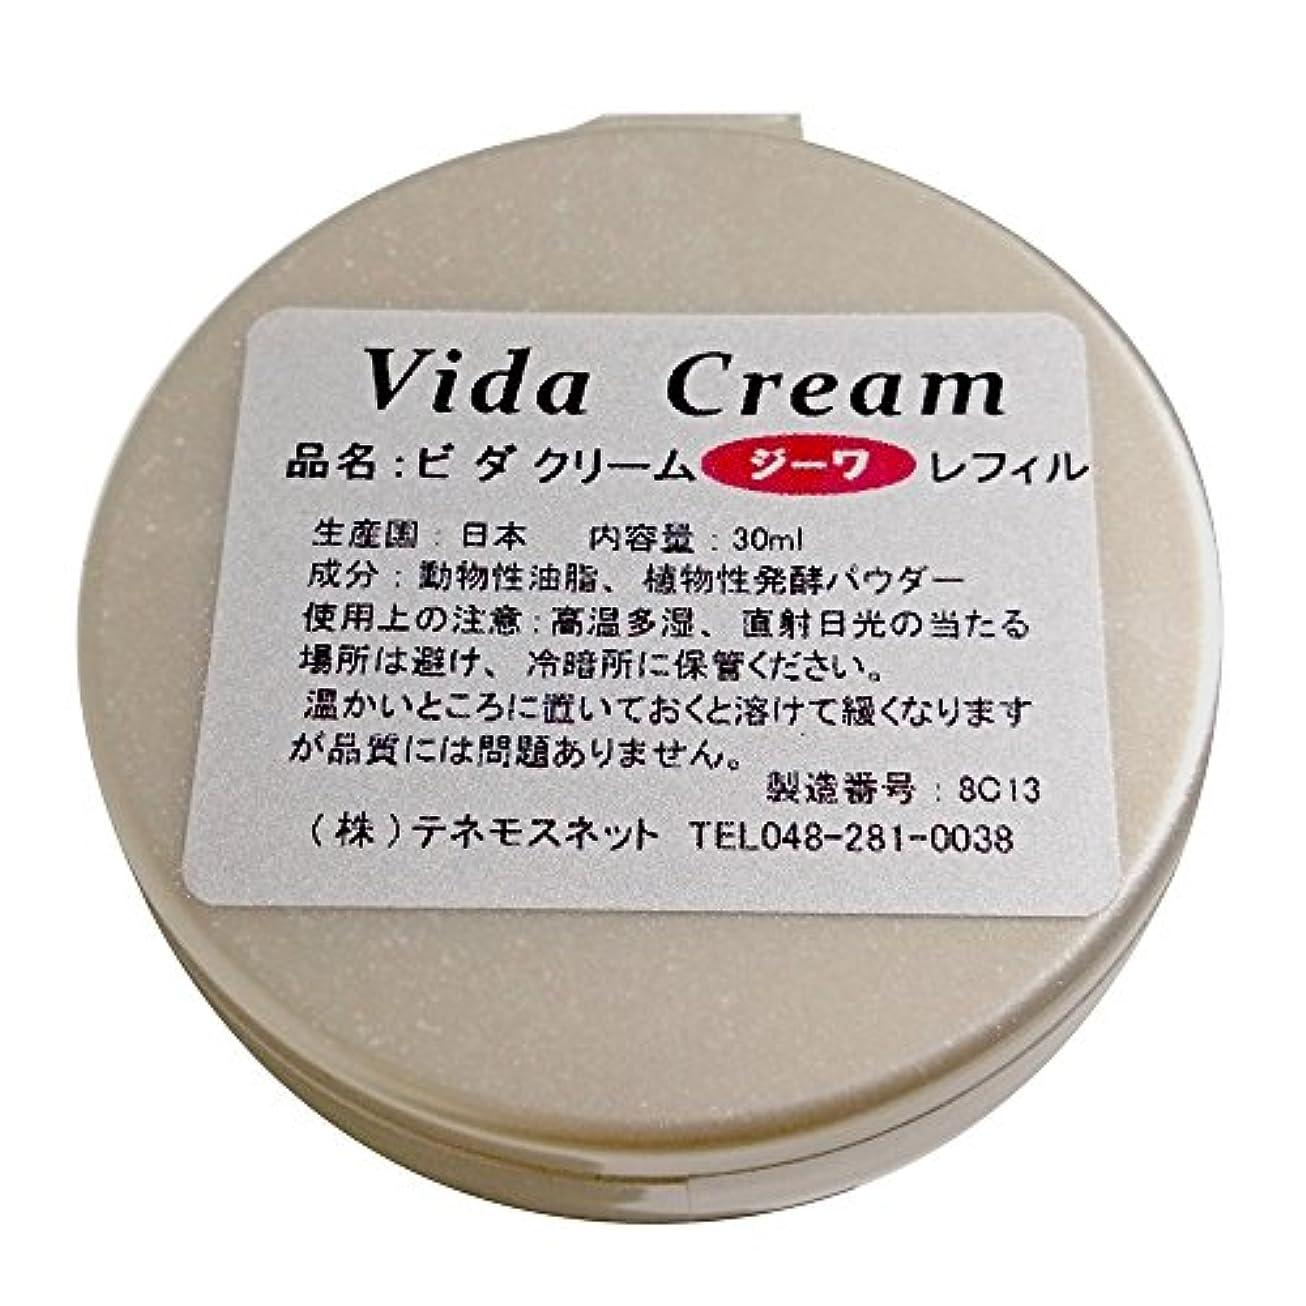 テネモス ビダクリーム Vida Cream ジーワ レフィル 付替用 30ml